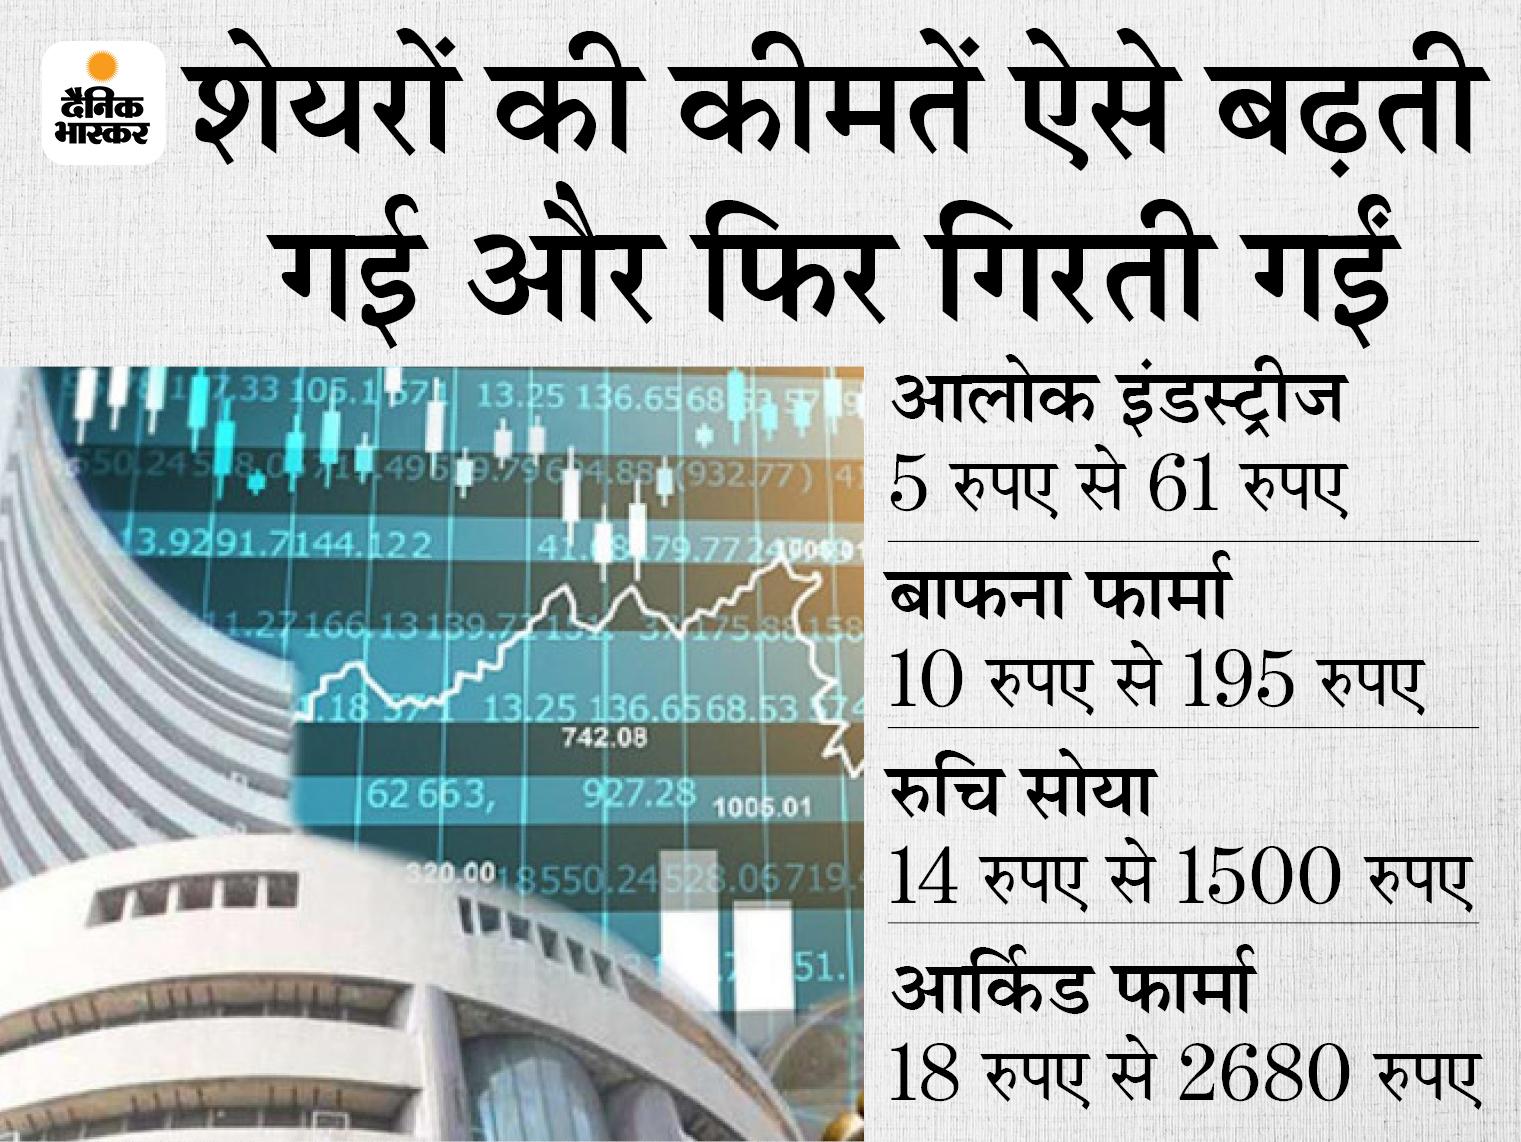 रुचि सोया, आलोक इंडस्ट्रीज के रास्ते आर्किड फार्मा का शेयर, 18 से 2680 रुपए गया अब 1400 पर आया|बिजनेस,Business - Dainik Bhaskar